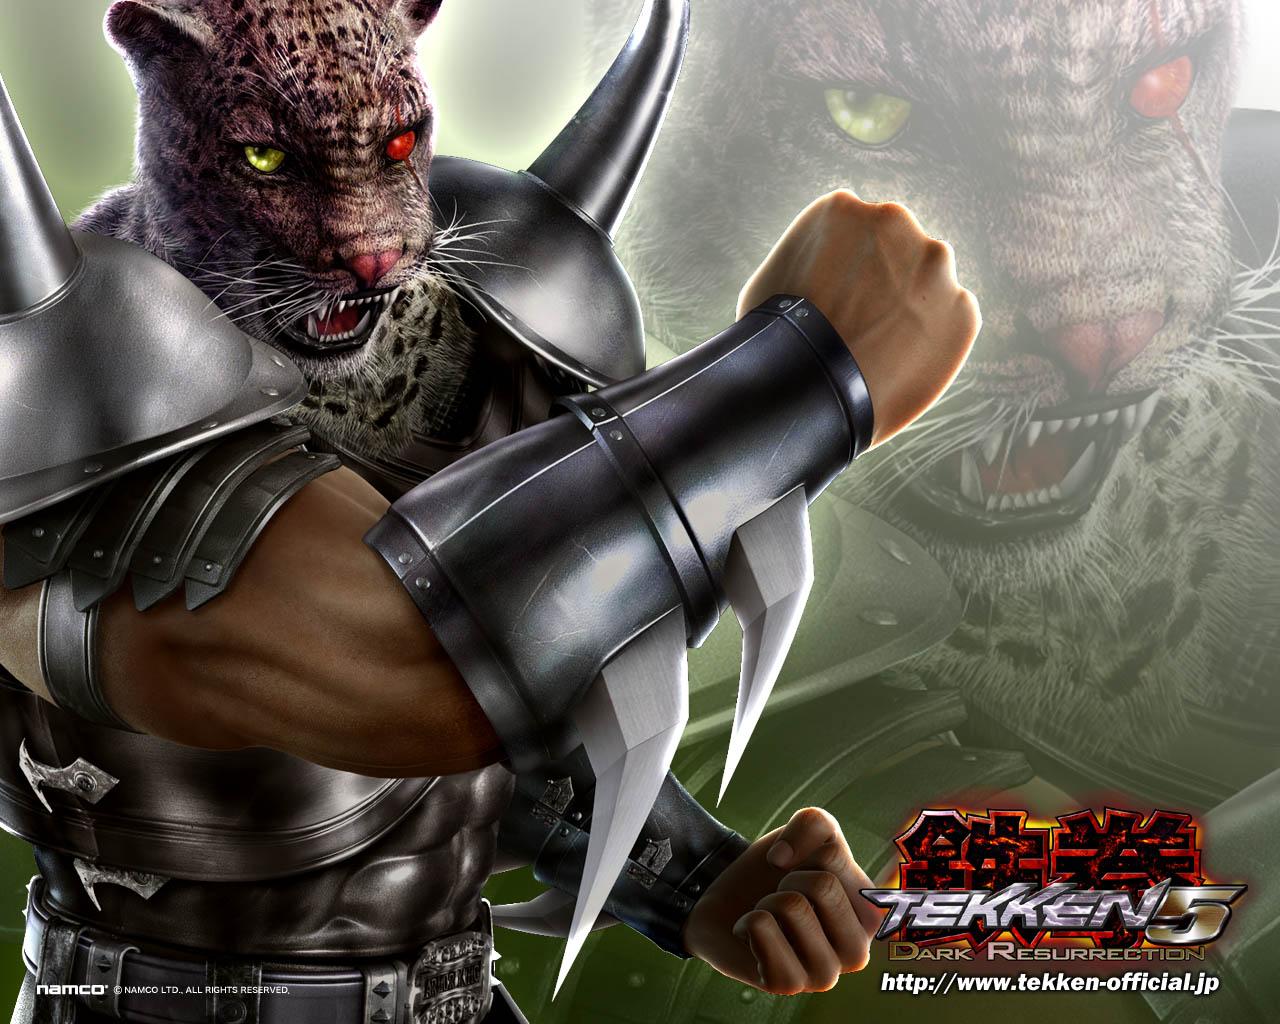 king tekken 5 dark resurrection wallpaper armor king wallpaper armor 1280x1024